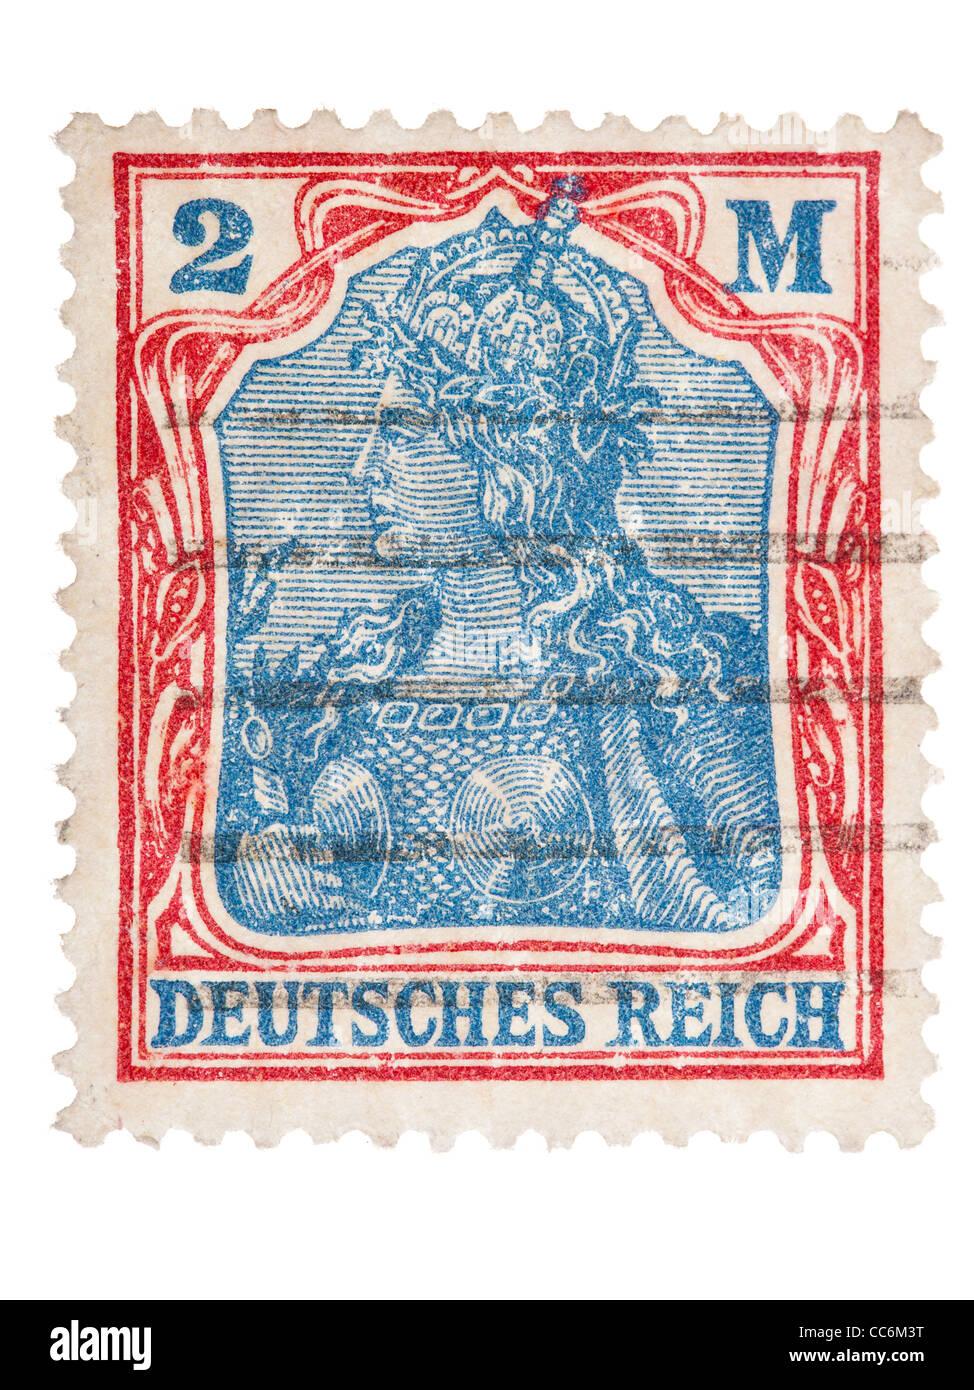 Francobollo: impero tedesco, Germania, 1920, 2 mark, stampigliato Immagini Stock